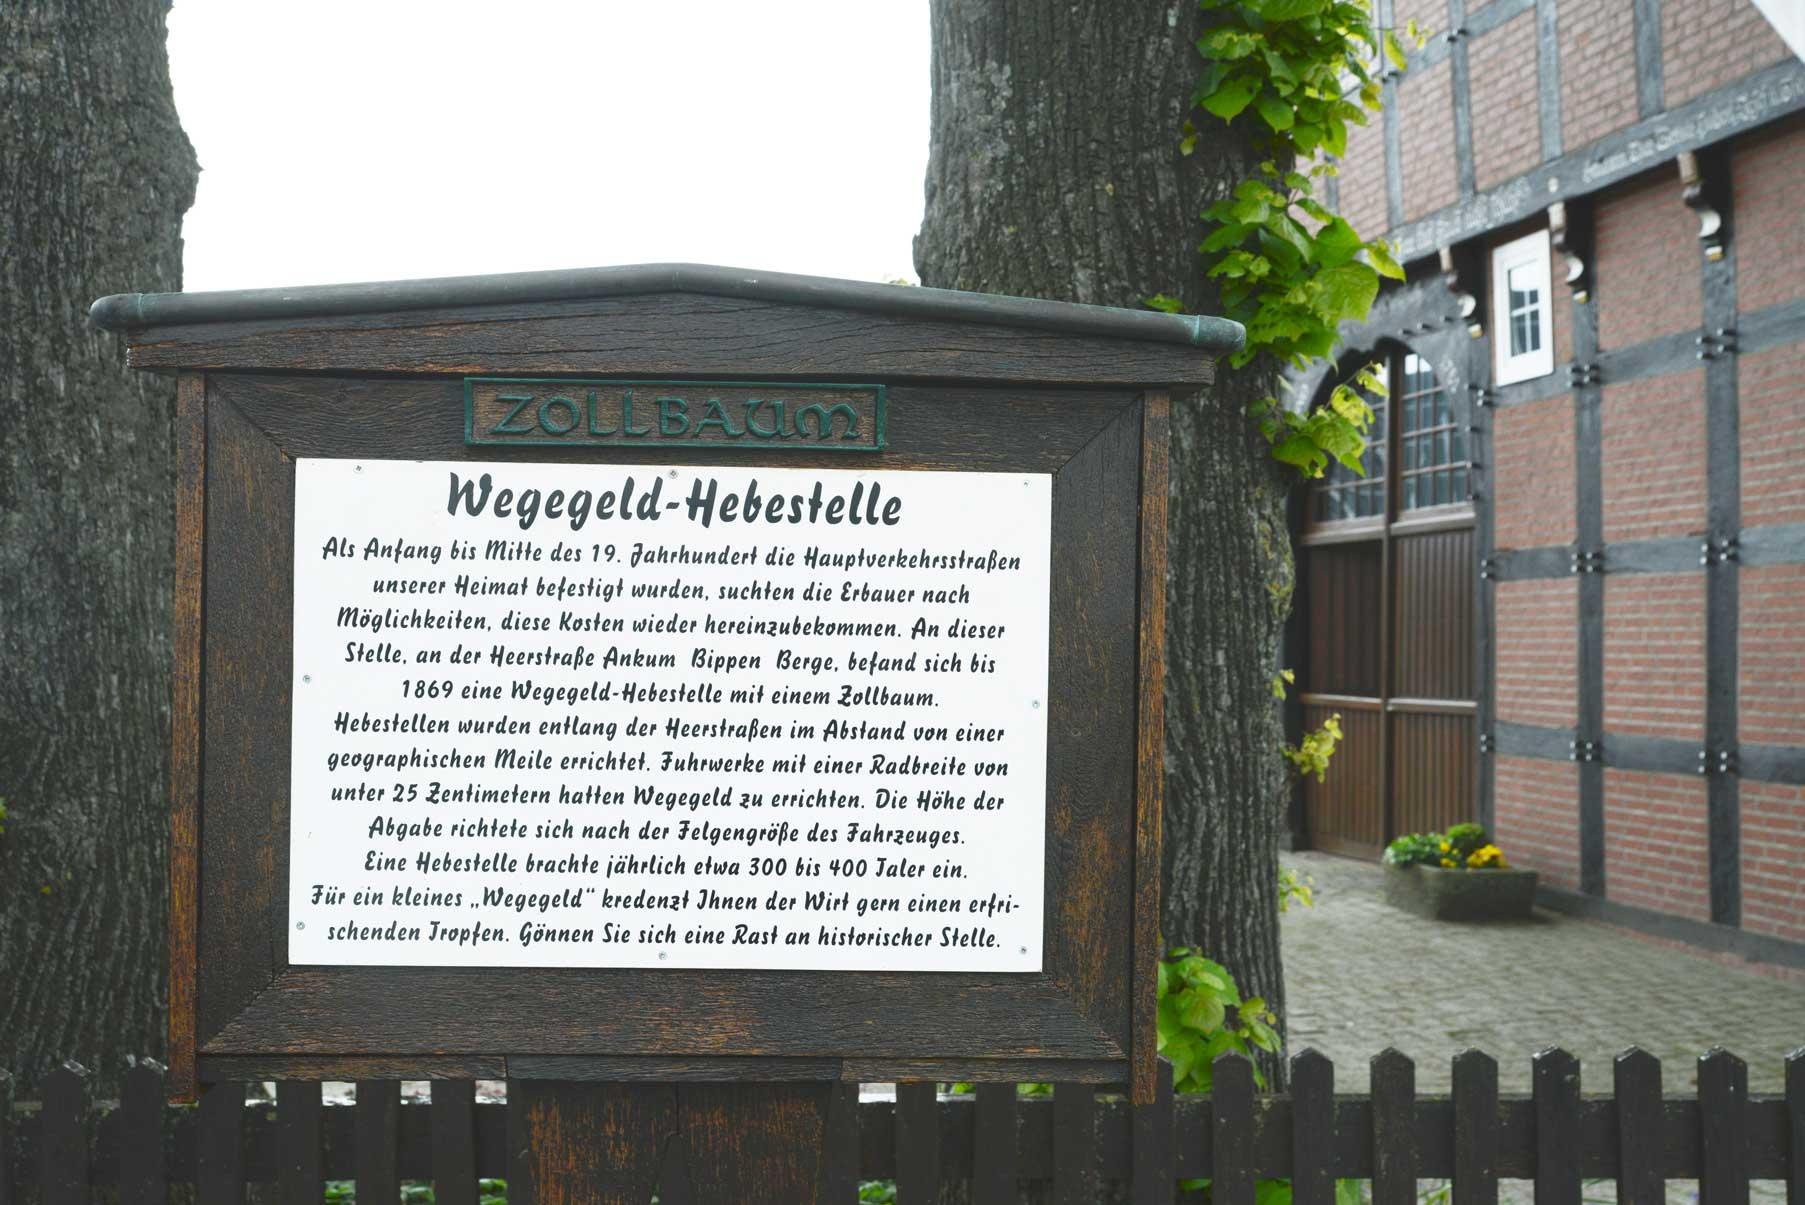 Die Historie des Ortes vermittelt eine Infotafel